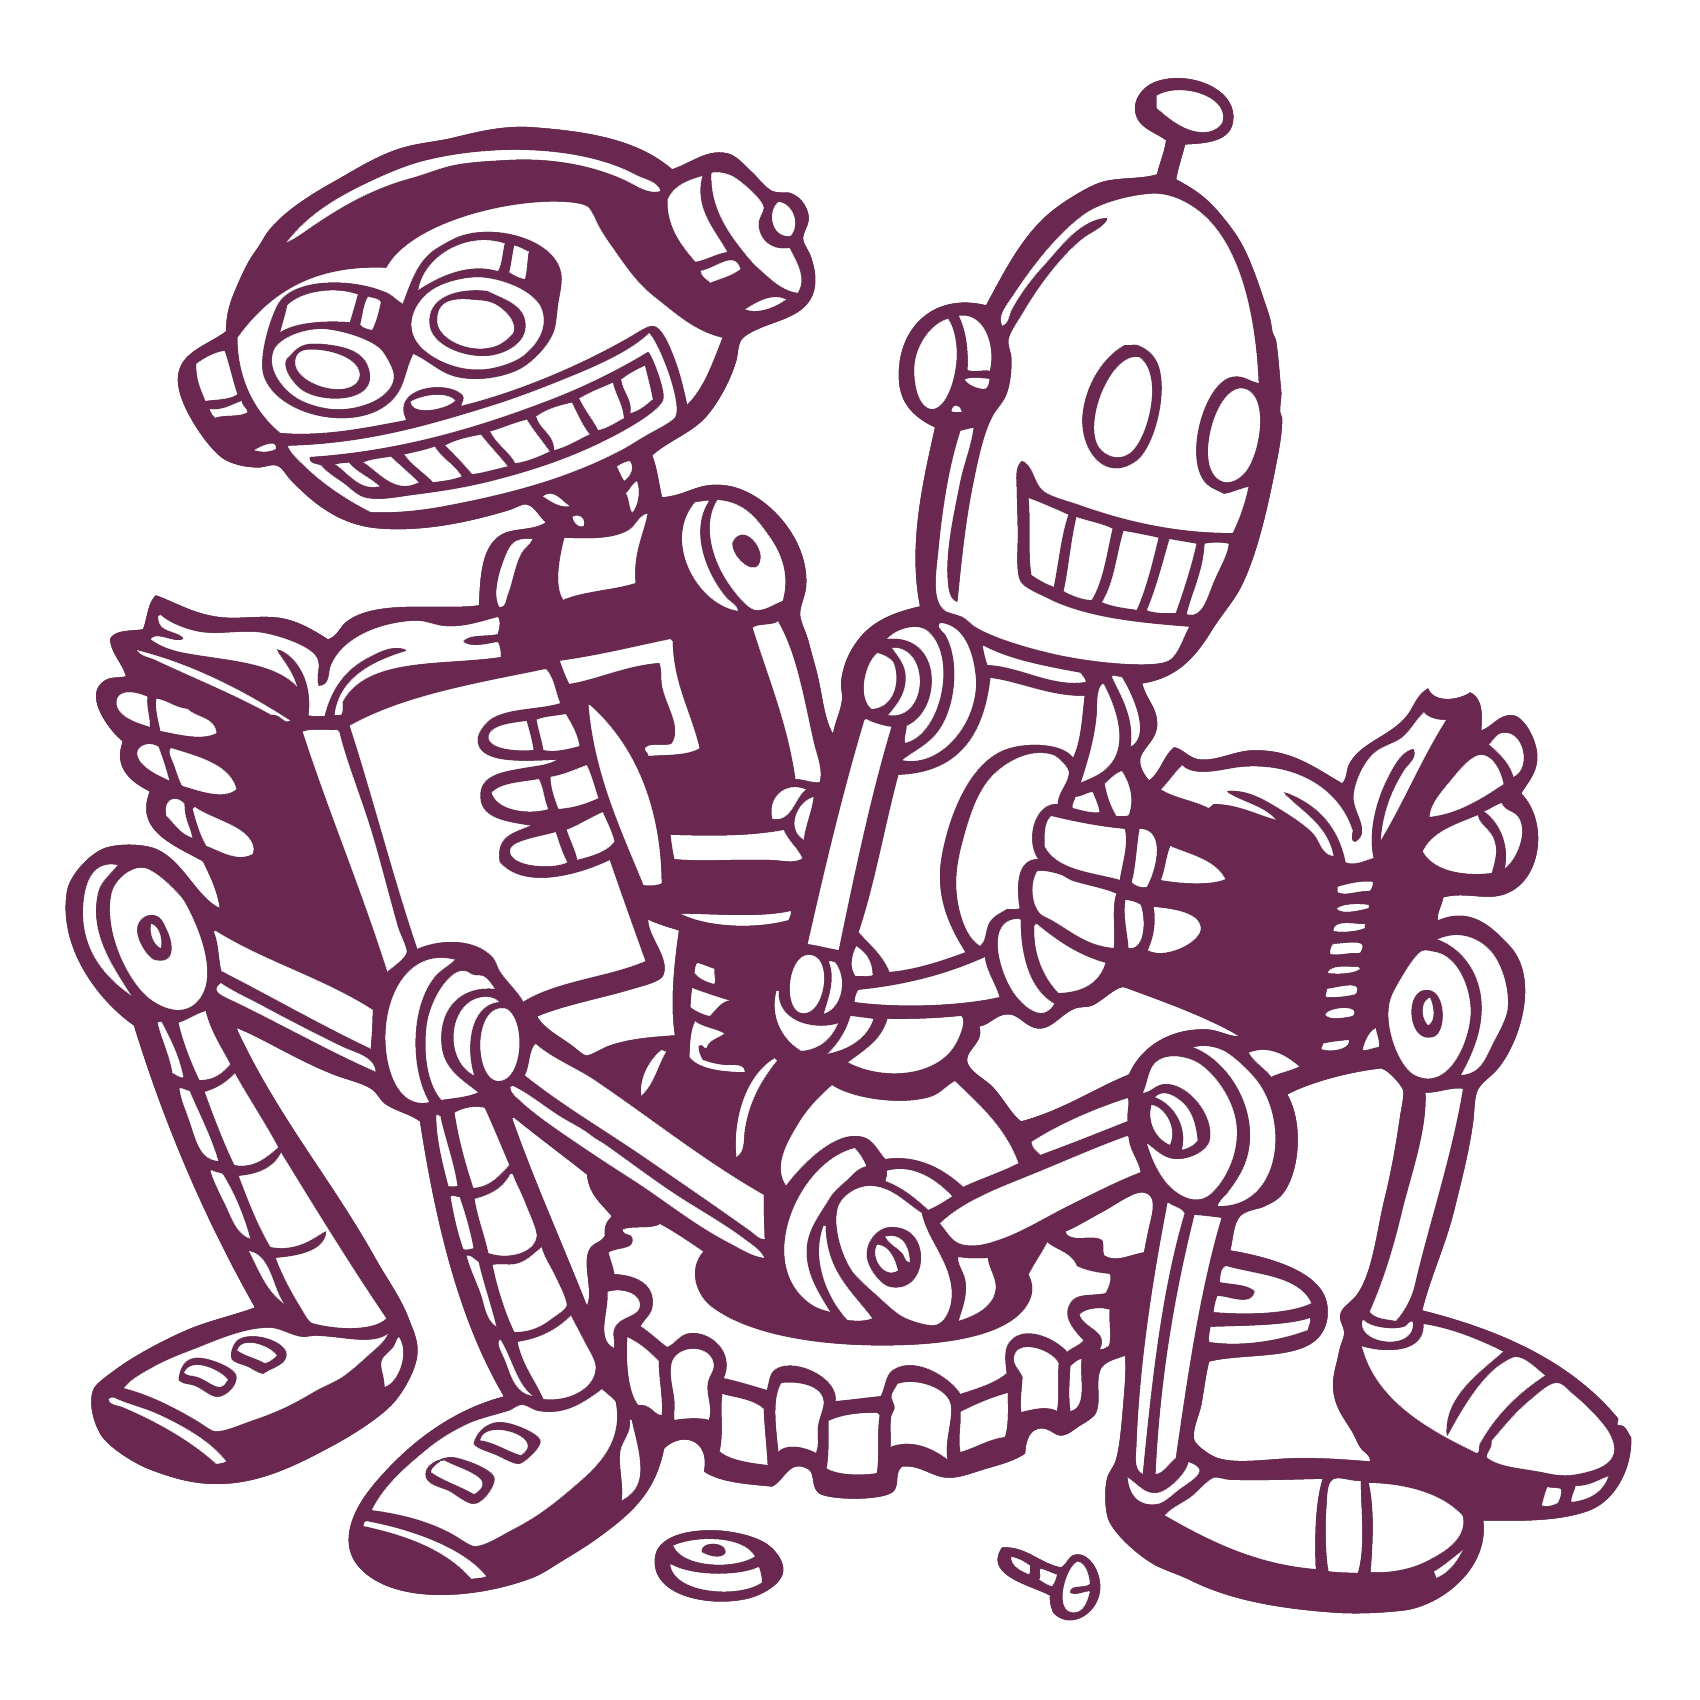 robot-siliconvall